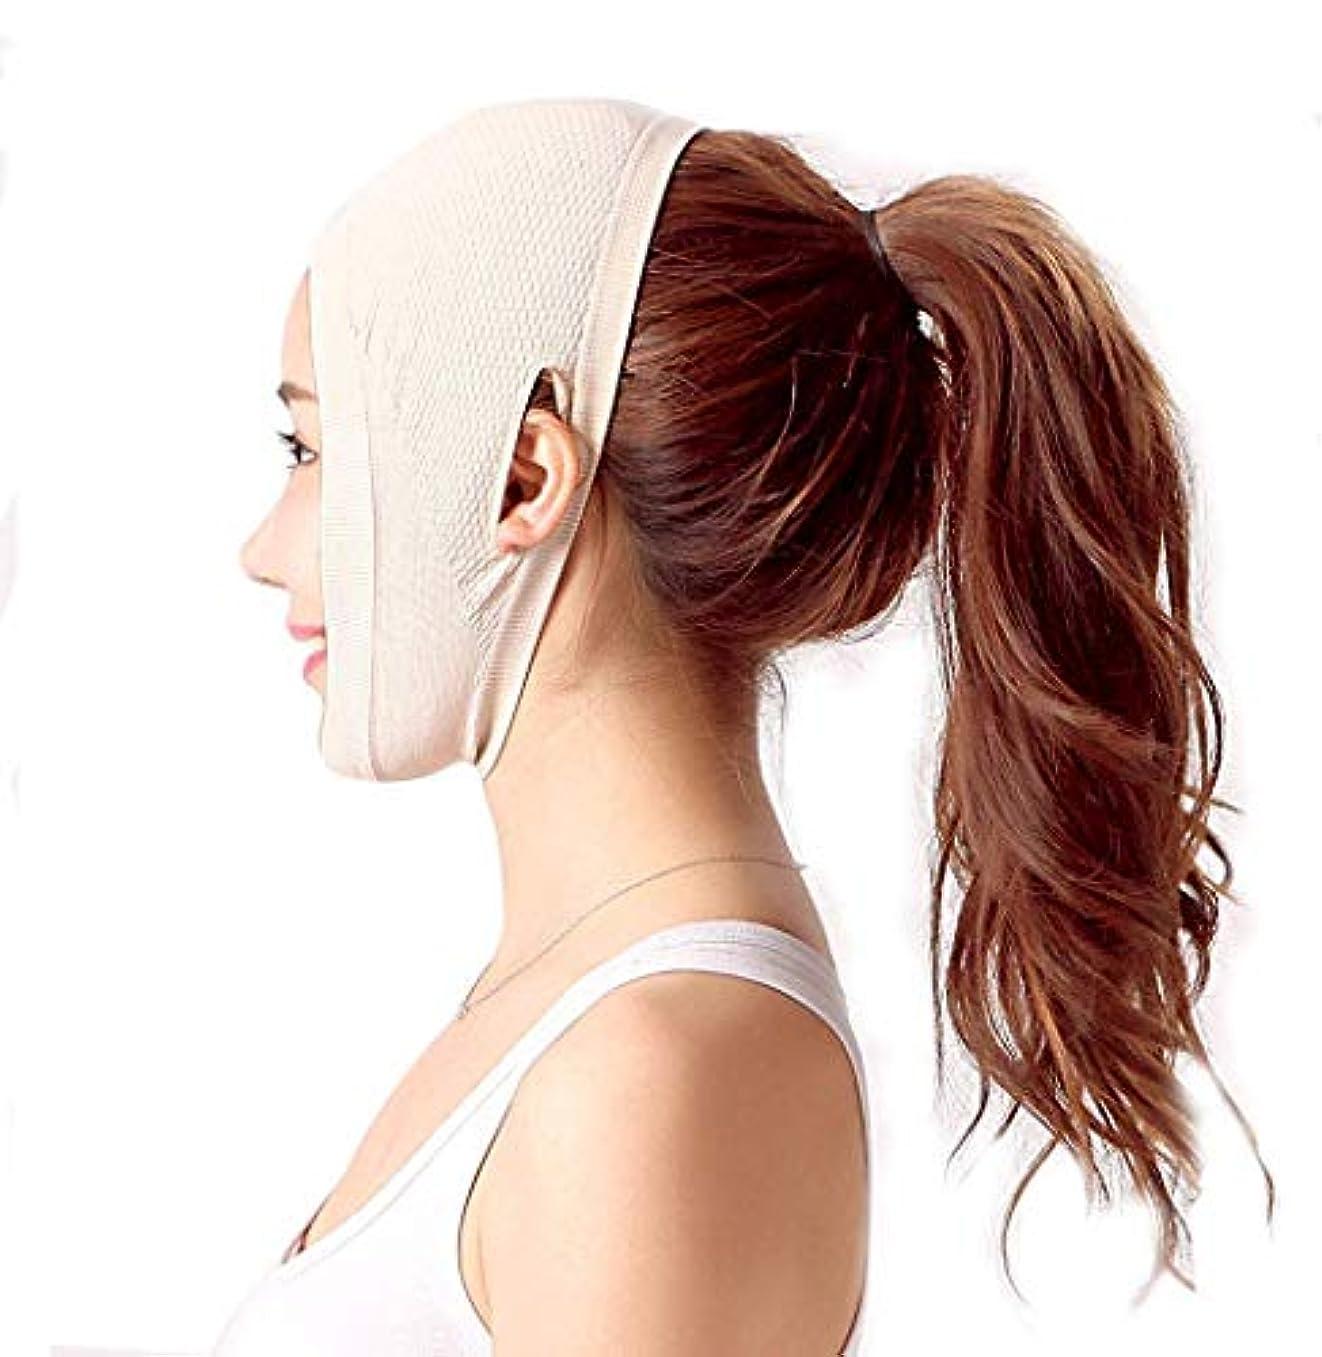 半導体同僚コメンテーターV顔リフティング包帯薄いフェイスマスク(色:肌のトーン(A))を眠っている整形手術病院ライン彫刻術後回復ヘッドギア医療マスク